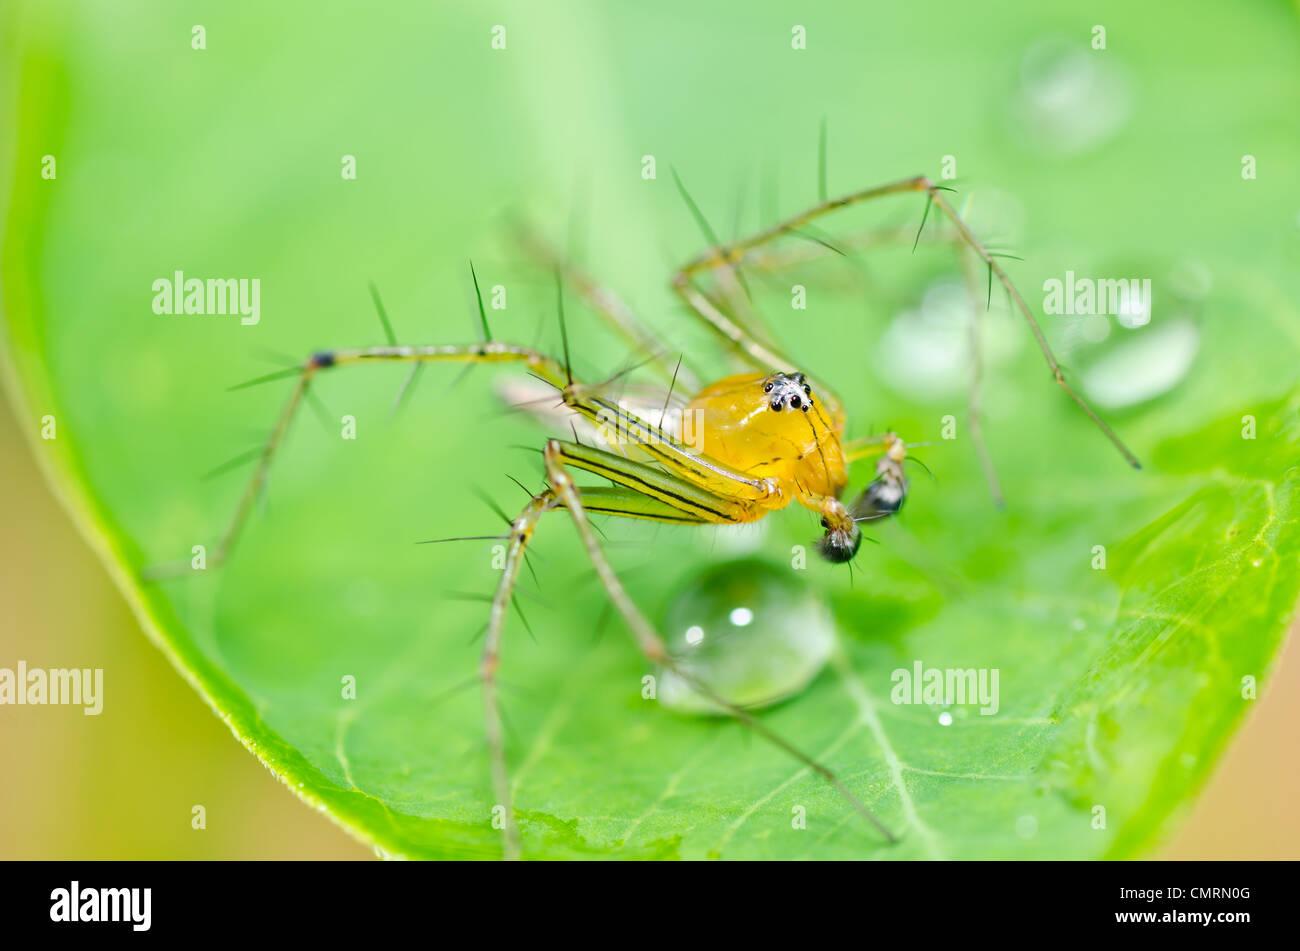 Araña de patas largas y las gotas de agua en el verde de la naturaleza o al jardín. Imagen De Stock